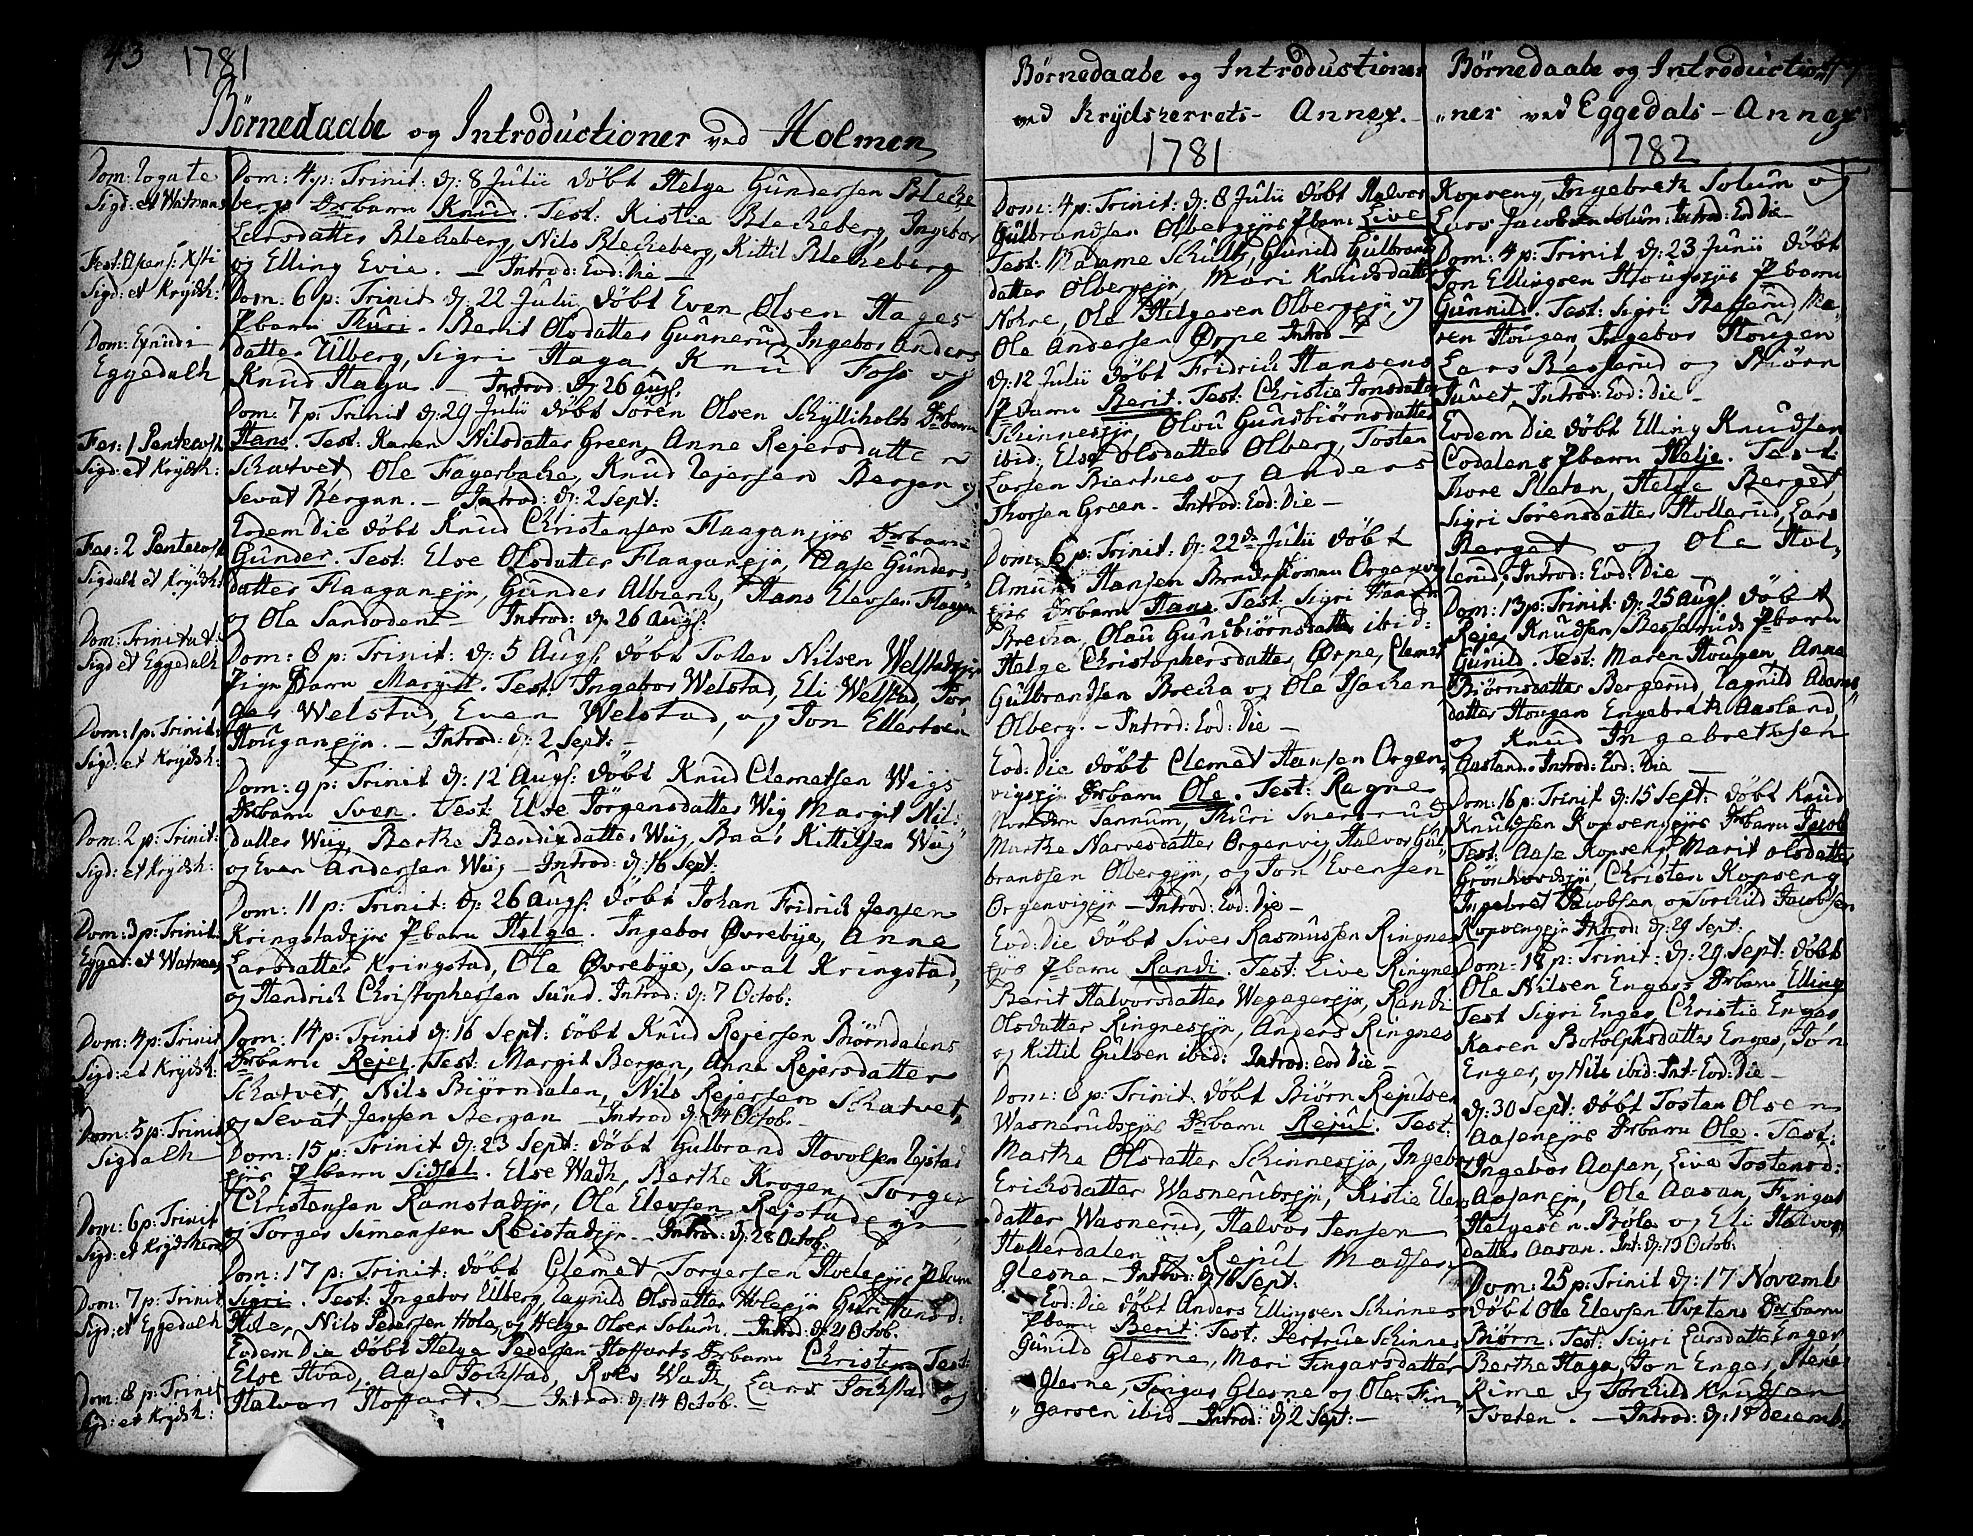 SAKO, Sigdal kirkebøker, F/Fa/L0002: Ministerialbok nr. I 2, 1778-1792, s. 43-44